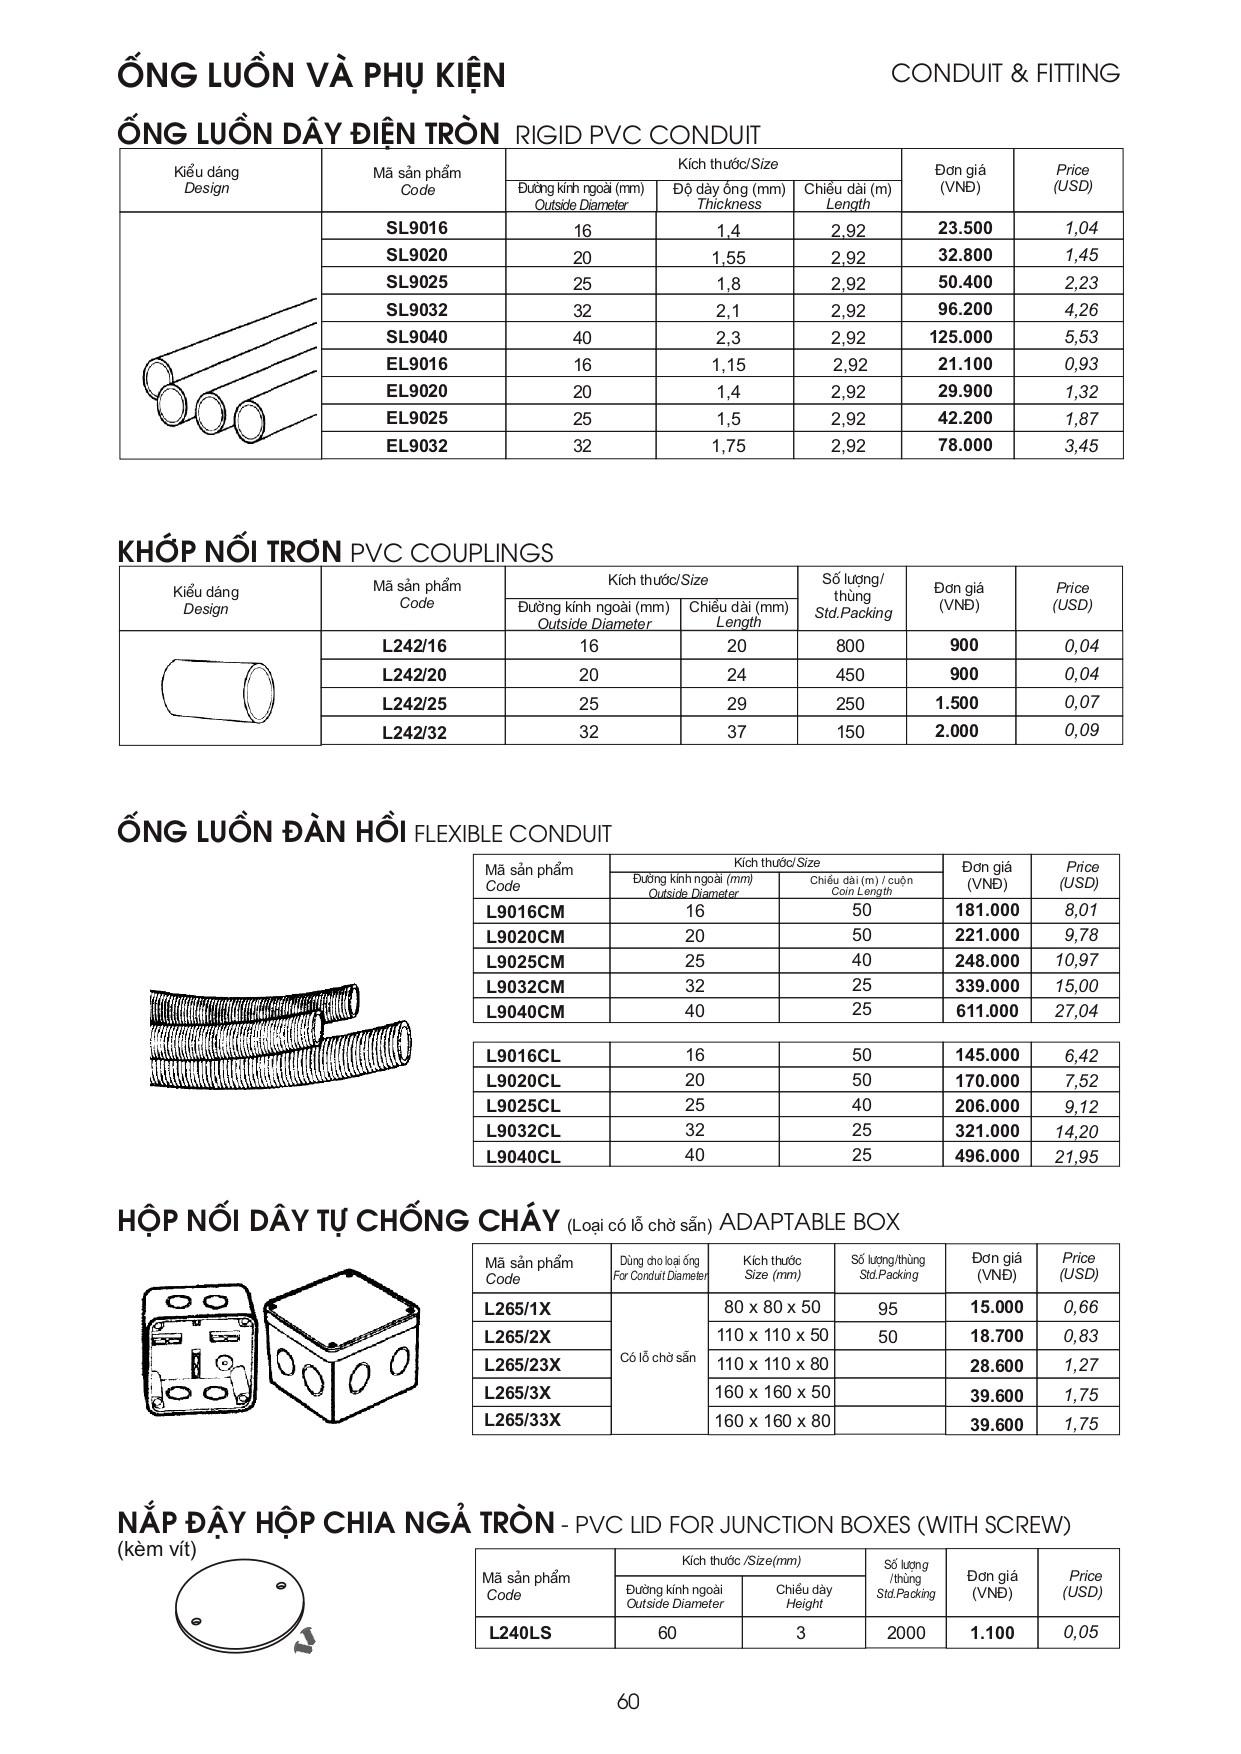 Bang gia LiOA page 0060